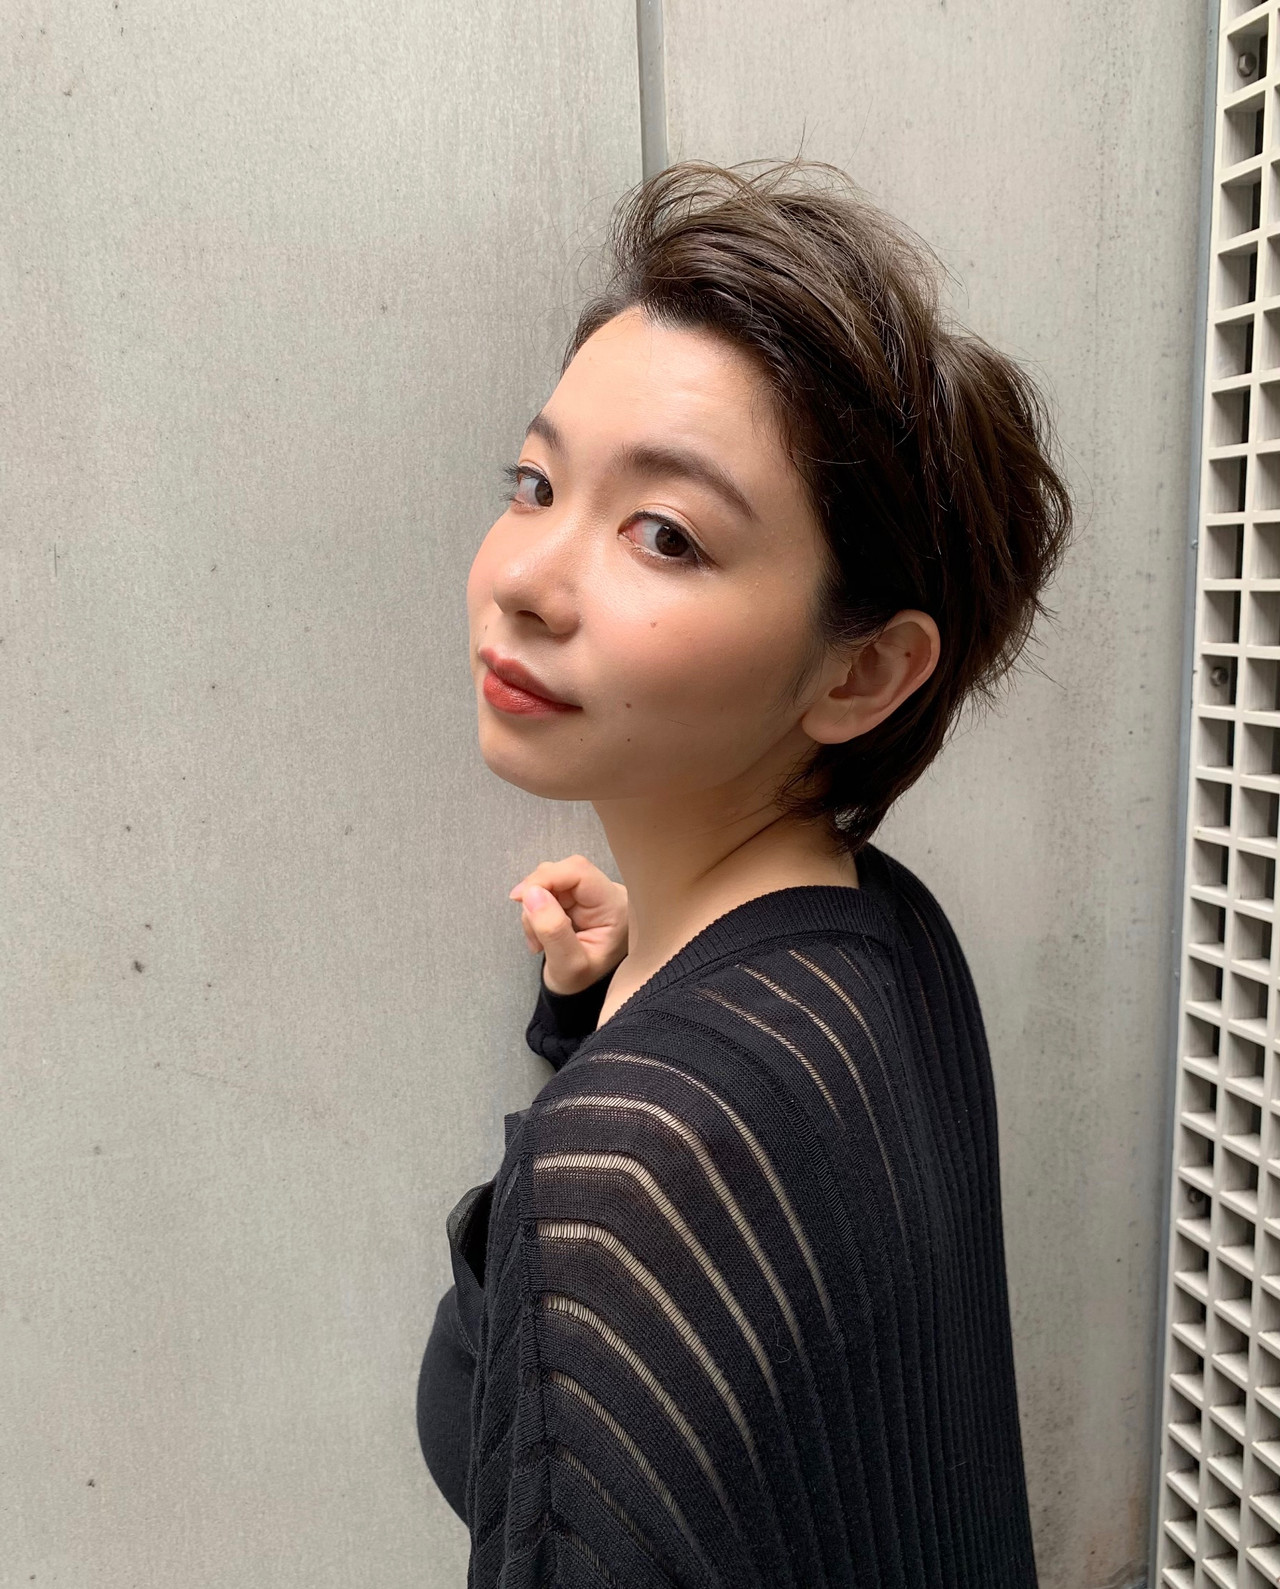 簡単ヘアアレンジ 大人かわいい ラフ ナチュラル ヘアスタイルや髪型の写真・画像 | Chie Ogusu / Hair and Make Chie Ogusu